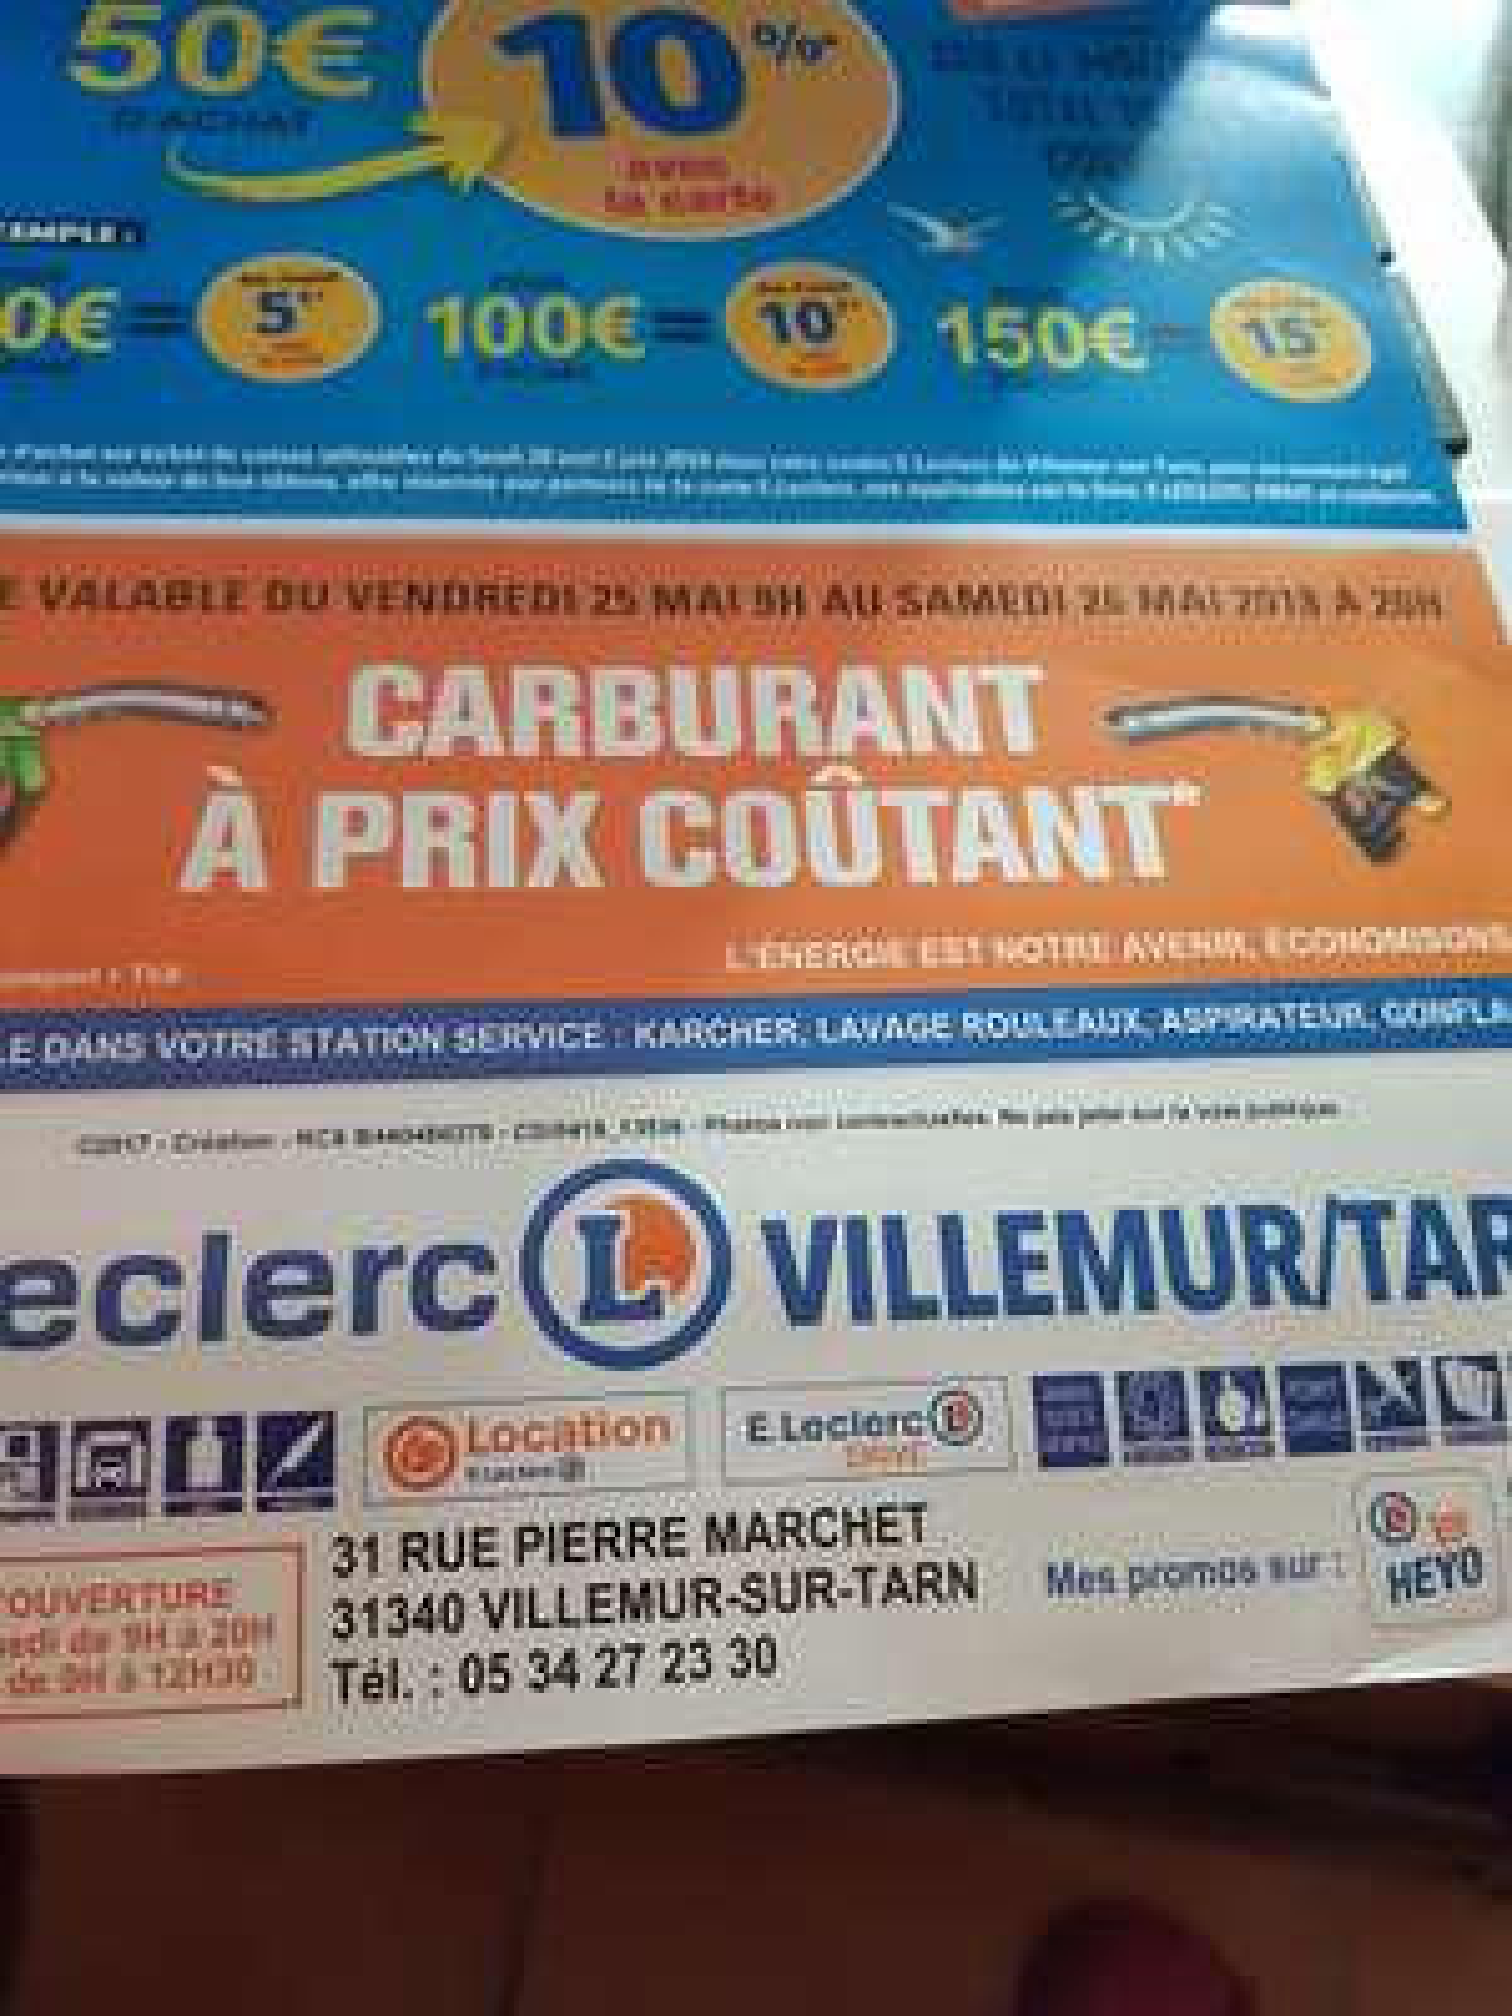 Carburant à prix coûtant - Villemur sur Tarn (31)